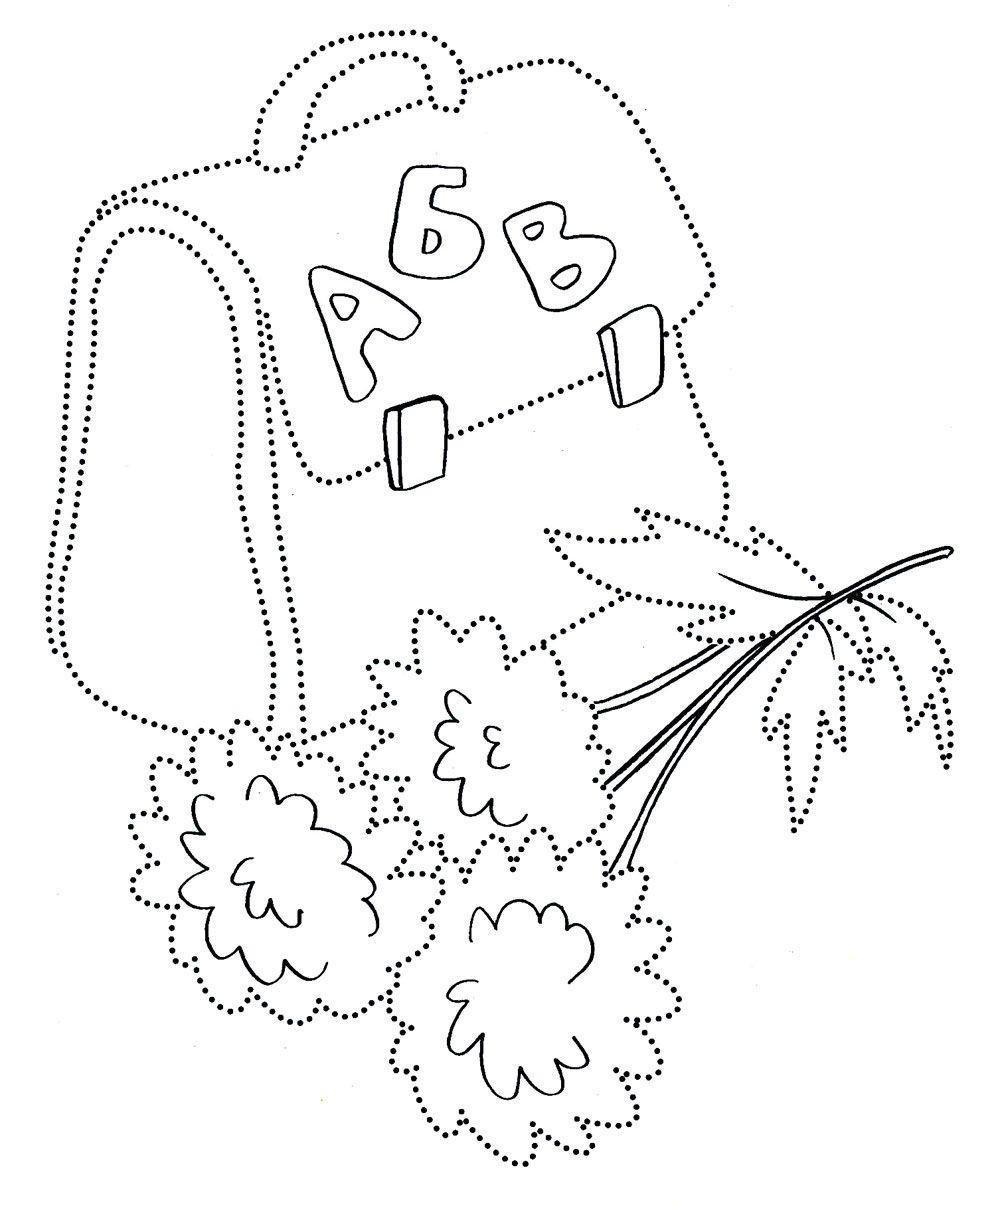 Кондитерские, открытка к дню знаний своими руками нарисовать